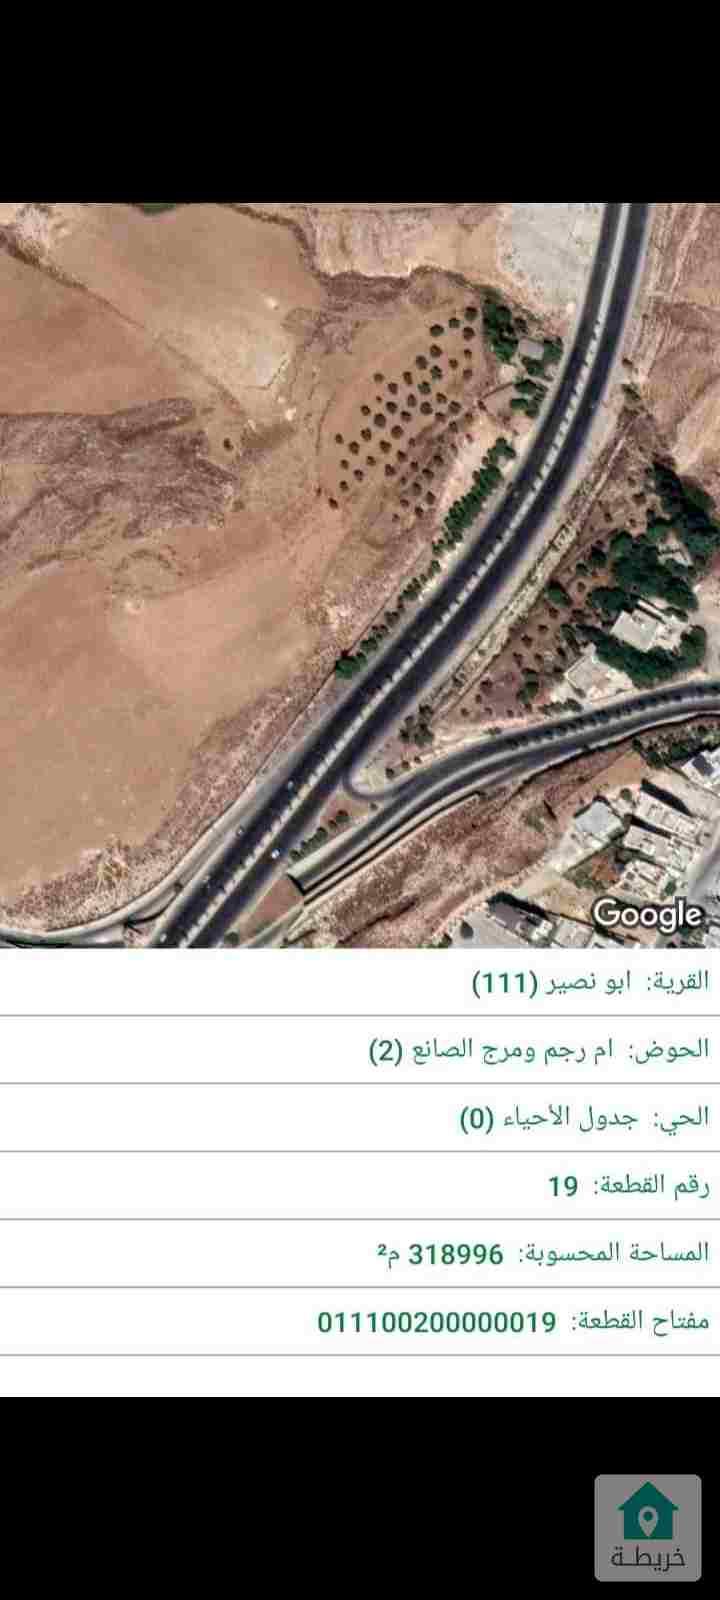 ارض للبيع  القطعه مشترك المراد بيعه 955 متر   ابو نصير شارع الاردن جانب جسر الروابدة